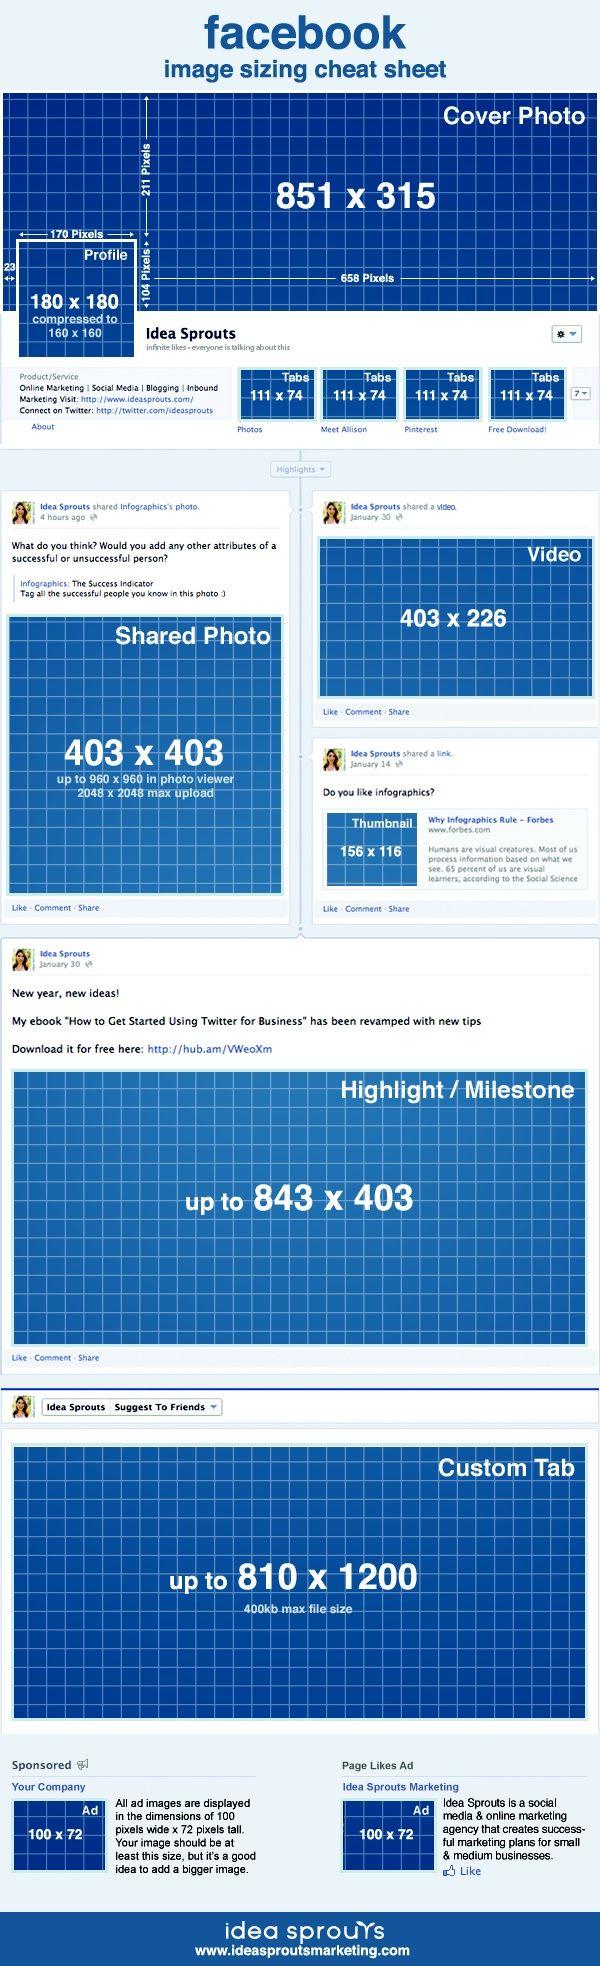 En un perfil de empresa en Facebook se manejan varias imágenes personalizables y por esto es muy importante saber los tamaños adecuados de las mismas para poder generar un buen impacto de marca o d...